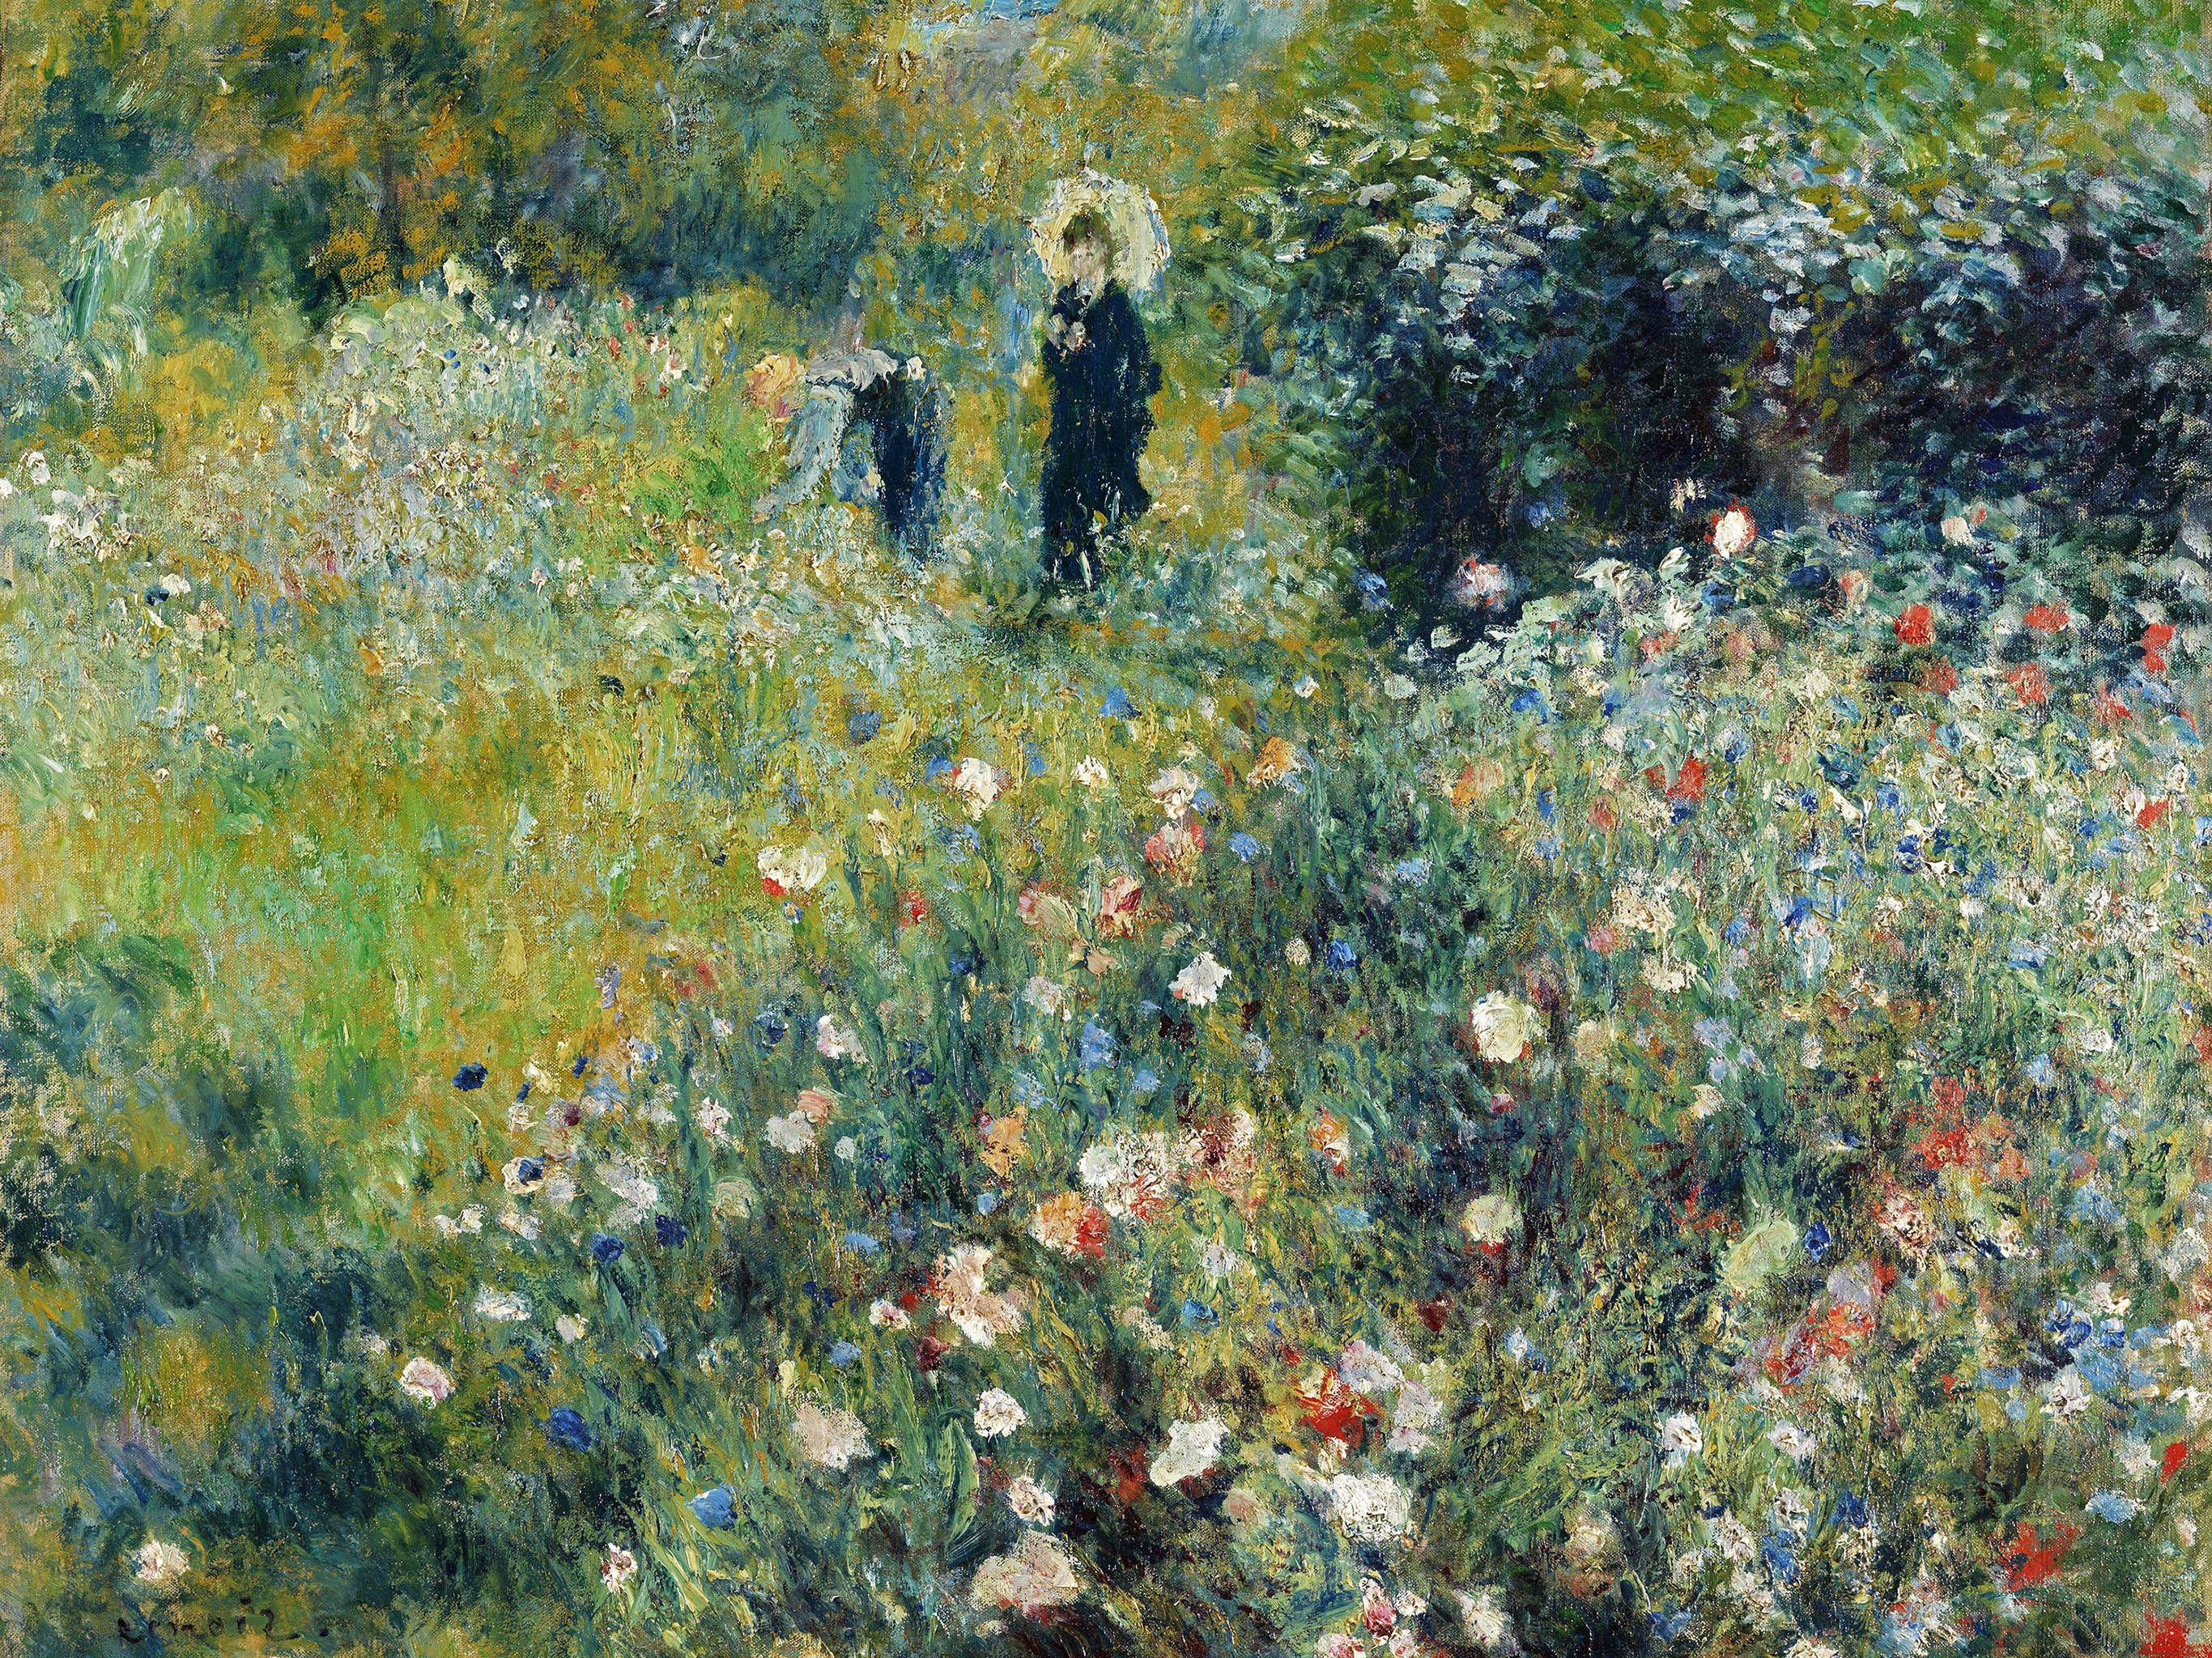 ピエール=オーギュスト・ルノワール / Woman with a Parasol in a Garden